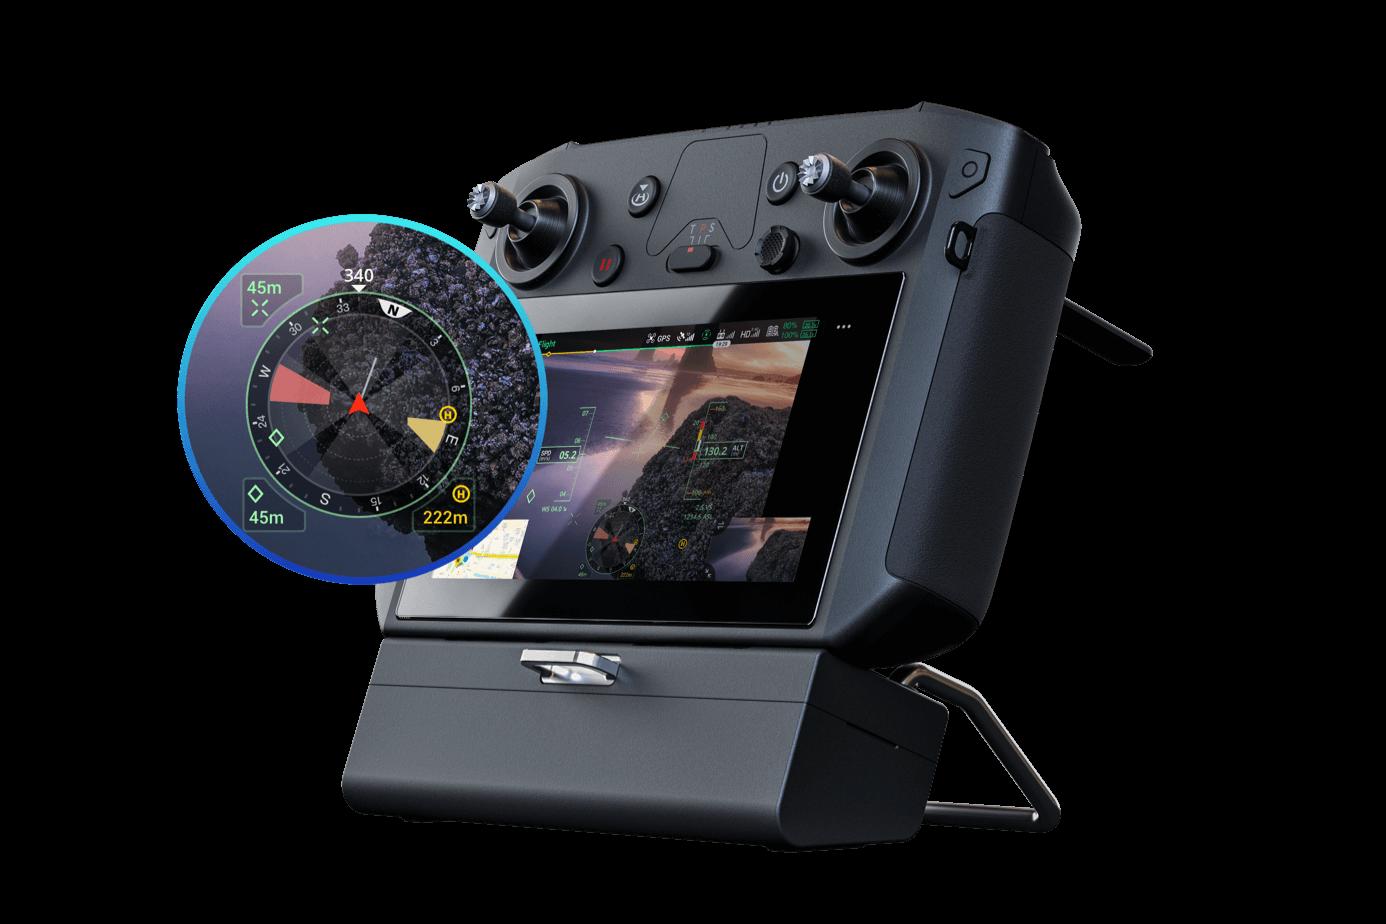 DJI M300 RTK Navigation Display